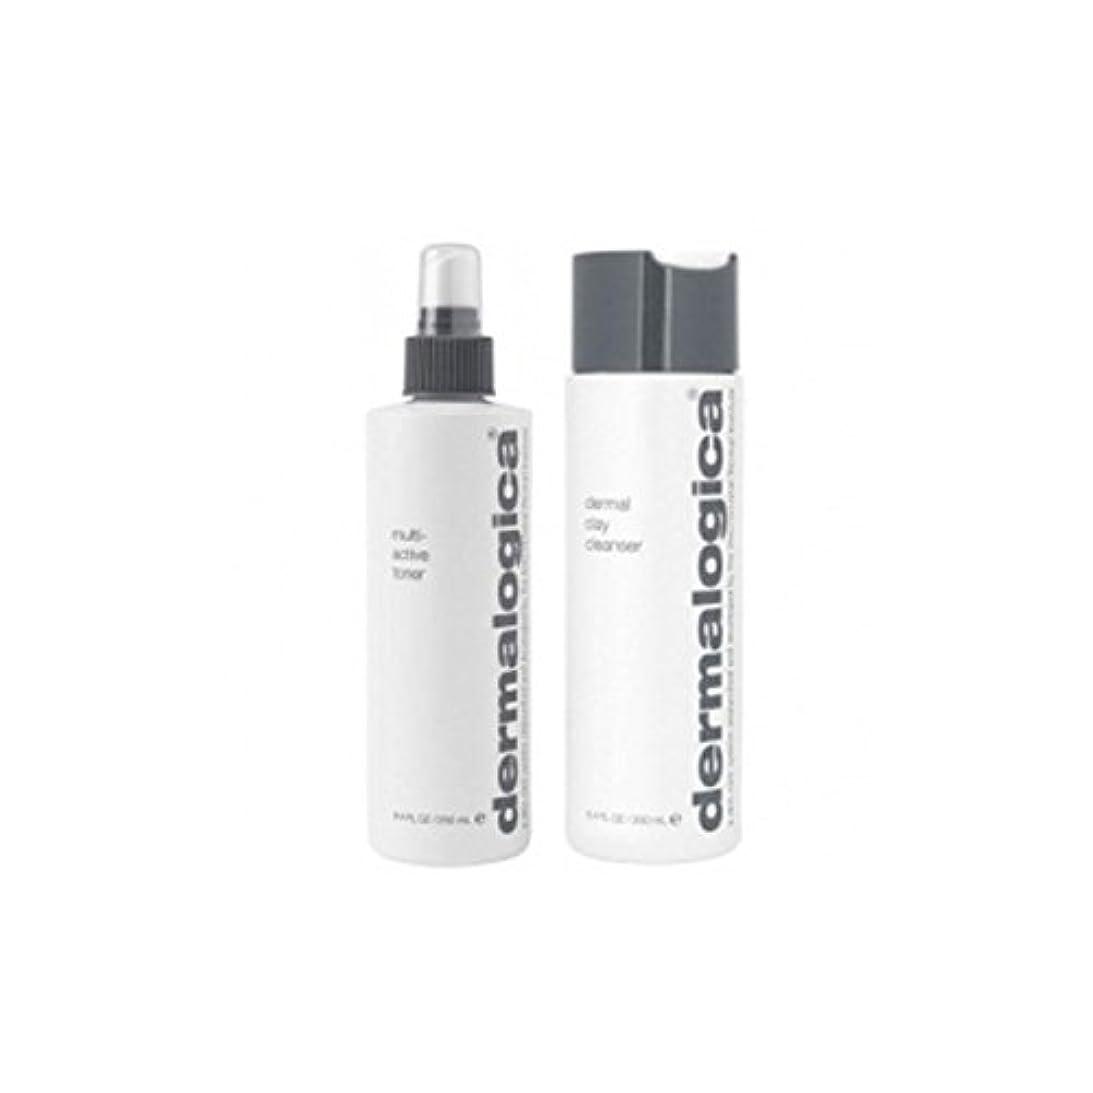 小学生校長対人ダーマロジカクレンジング&トーンデュオ - 脂性肌(2製品) x2 - Dermalogica Cleanse & Tone Duo - Oily Skin (2 Products) (Pack of 2) [並行輸入品]